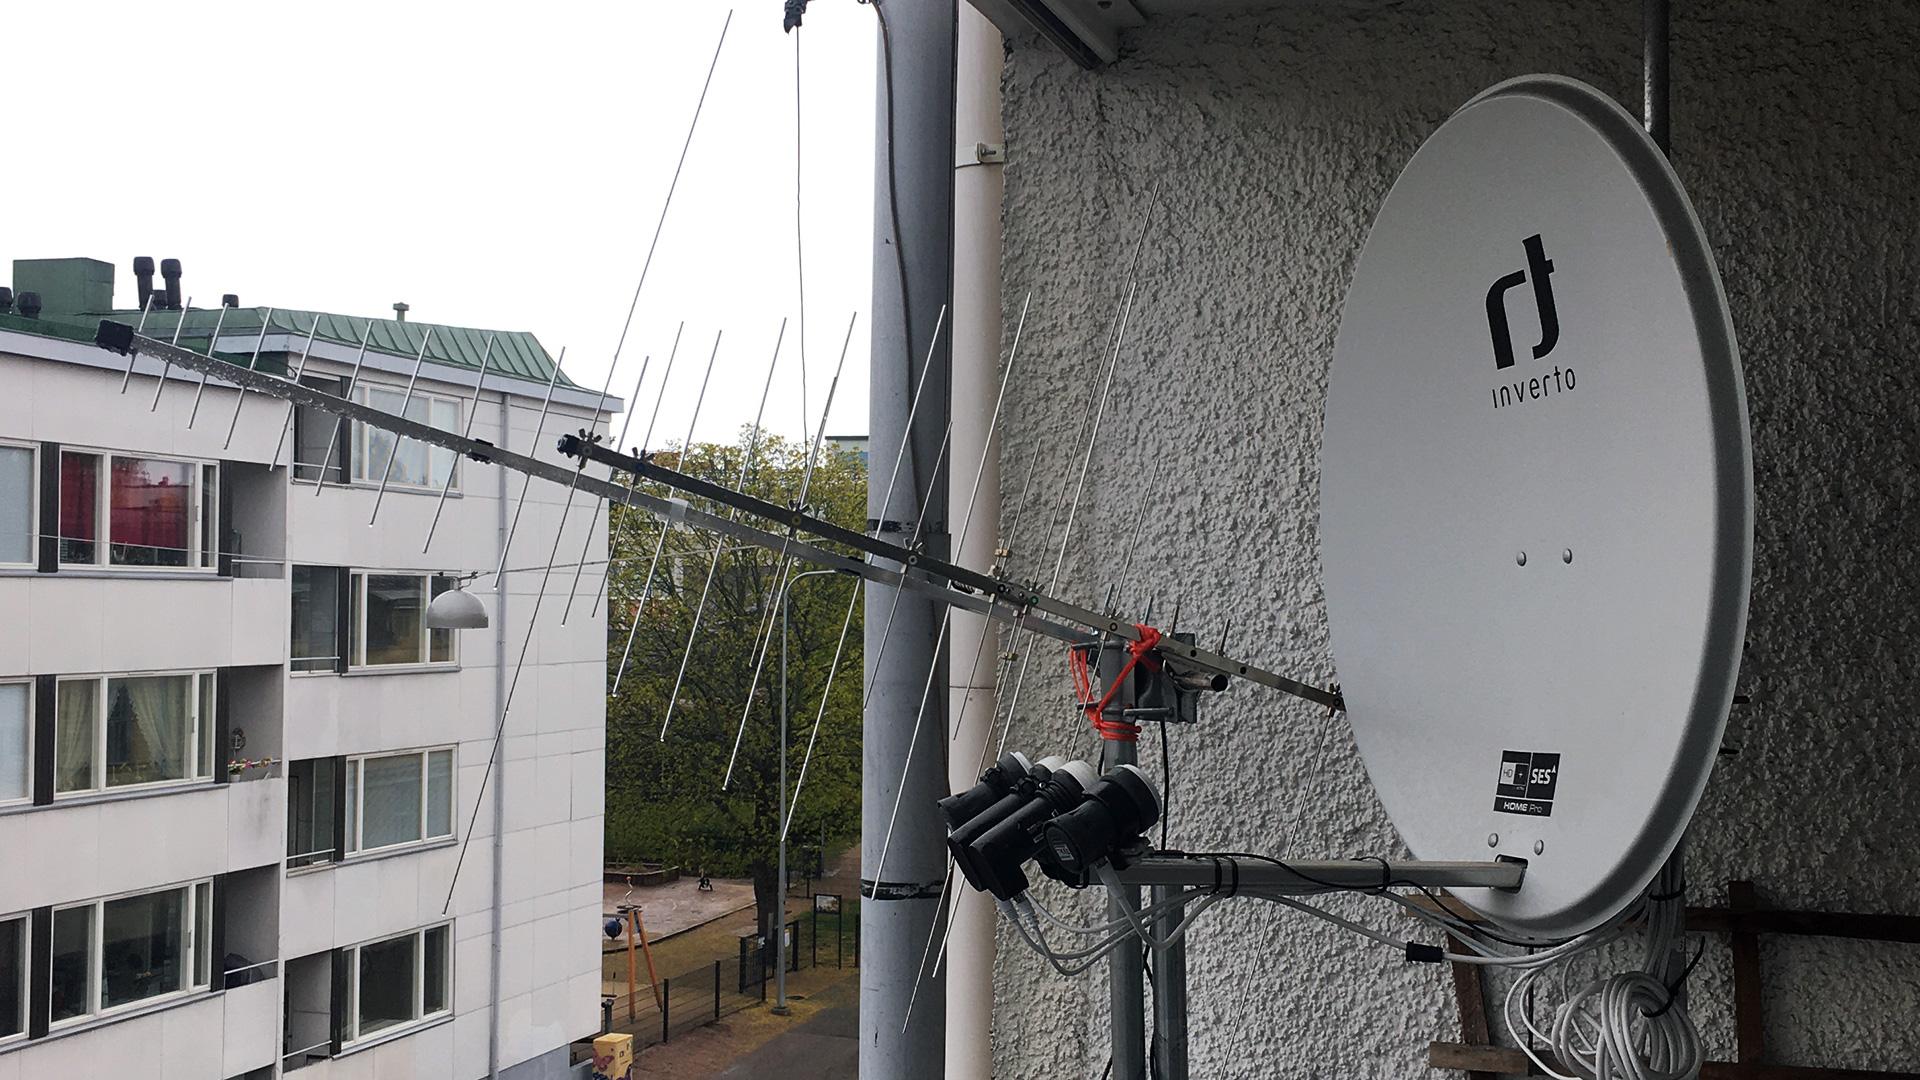 VHF/UHF/SAT antennas